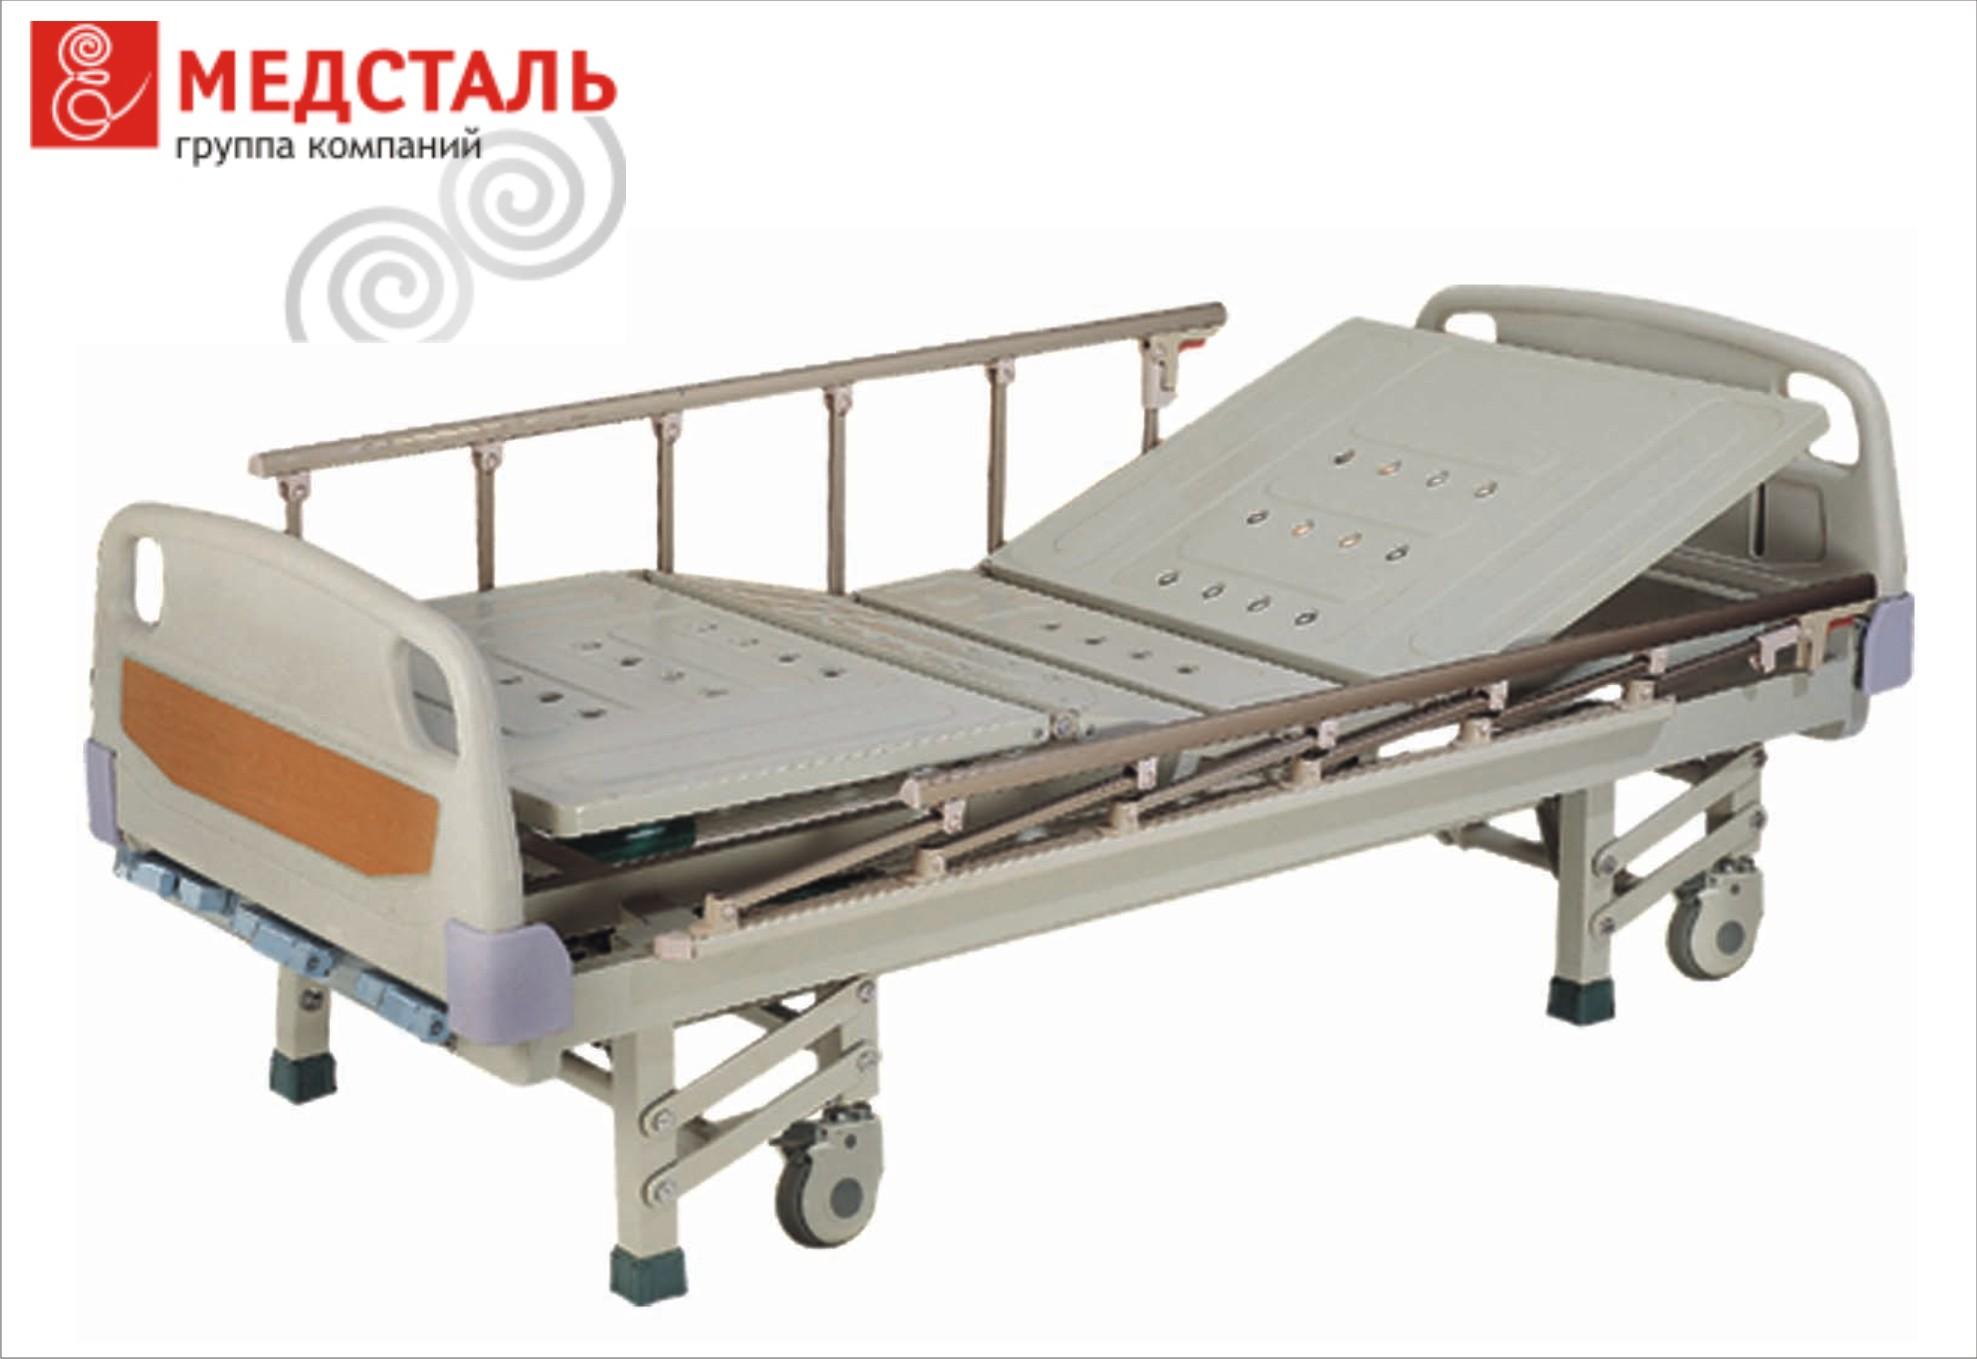 Конструкция кровати для лежачего больного своими руками